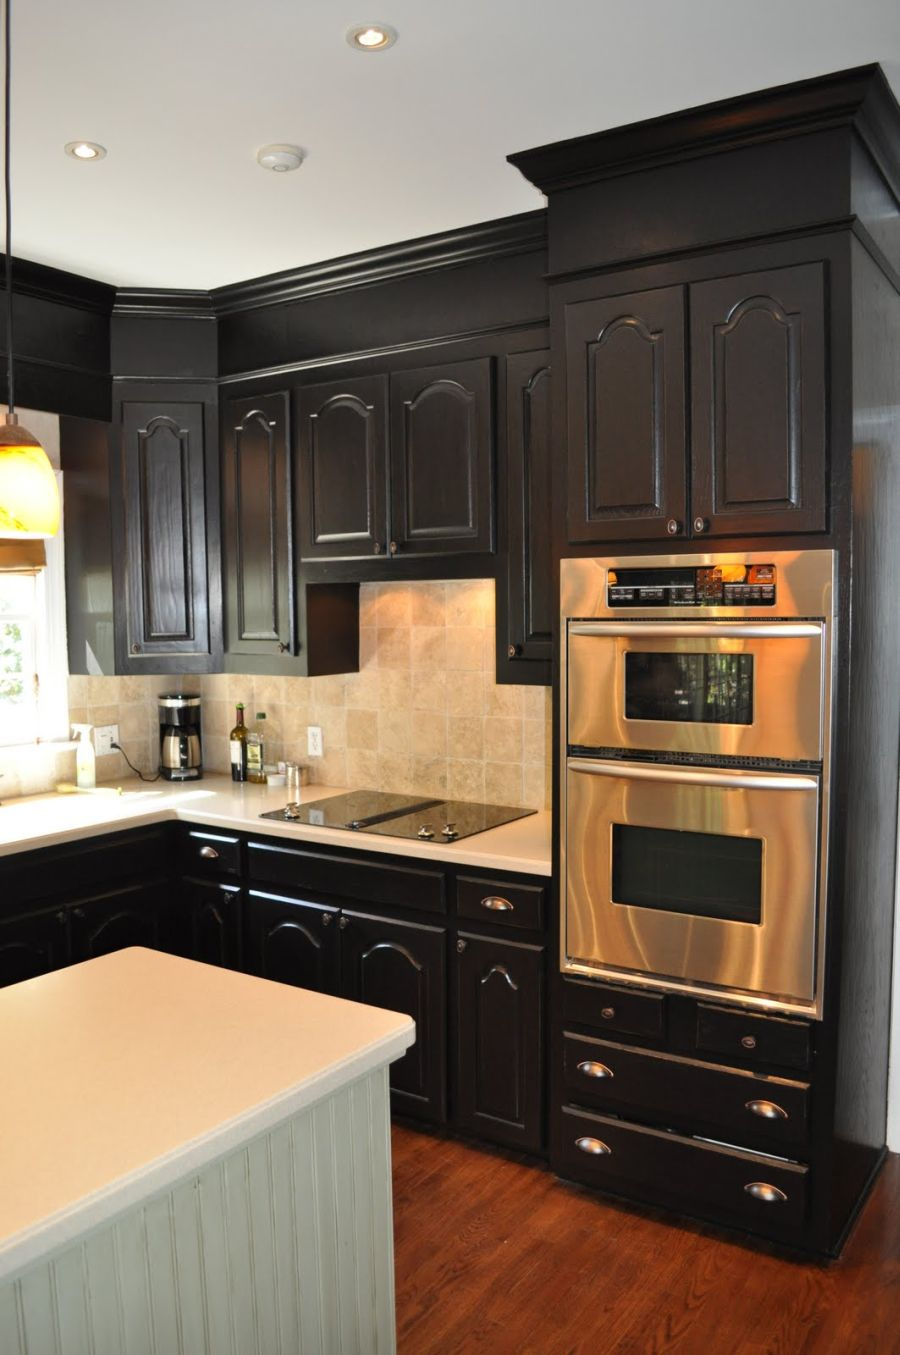 armoires-de-cuisine-soffites